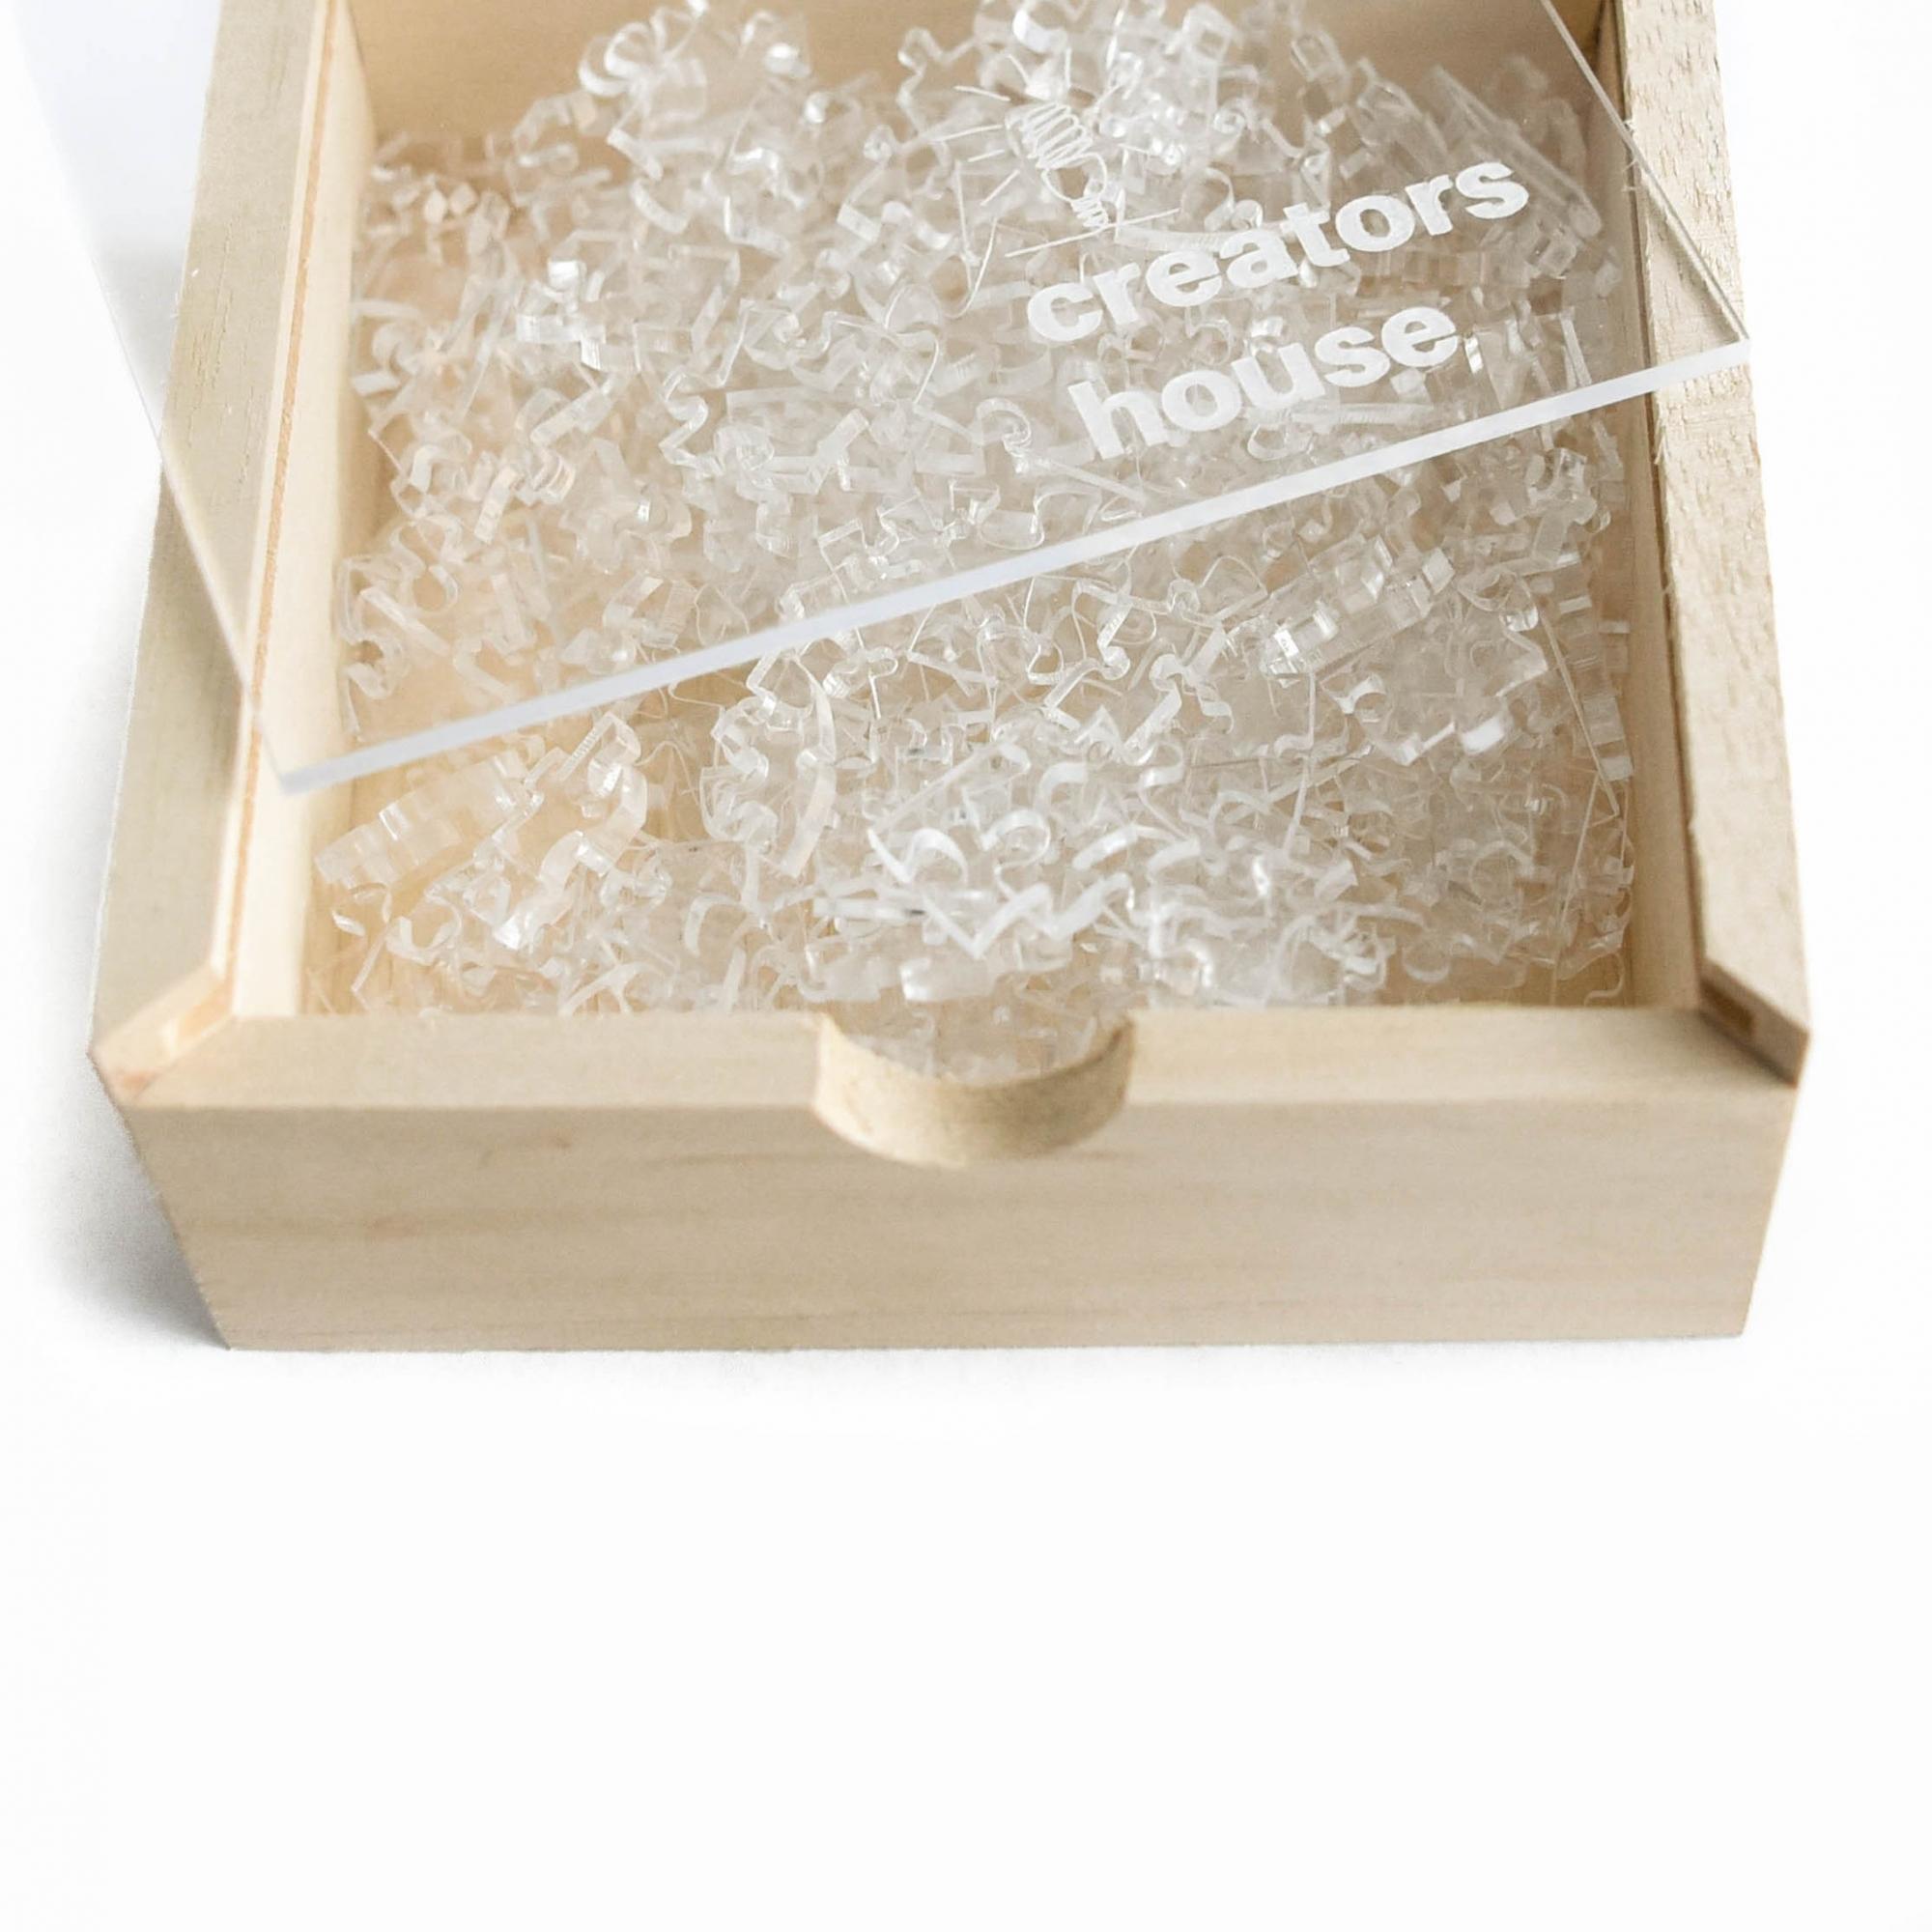 Quebra Cabeça Transparente Fácil - 48 Peças + Caixa